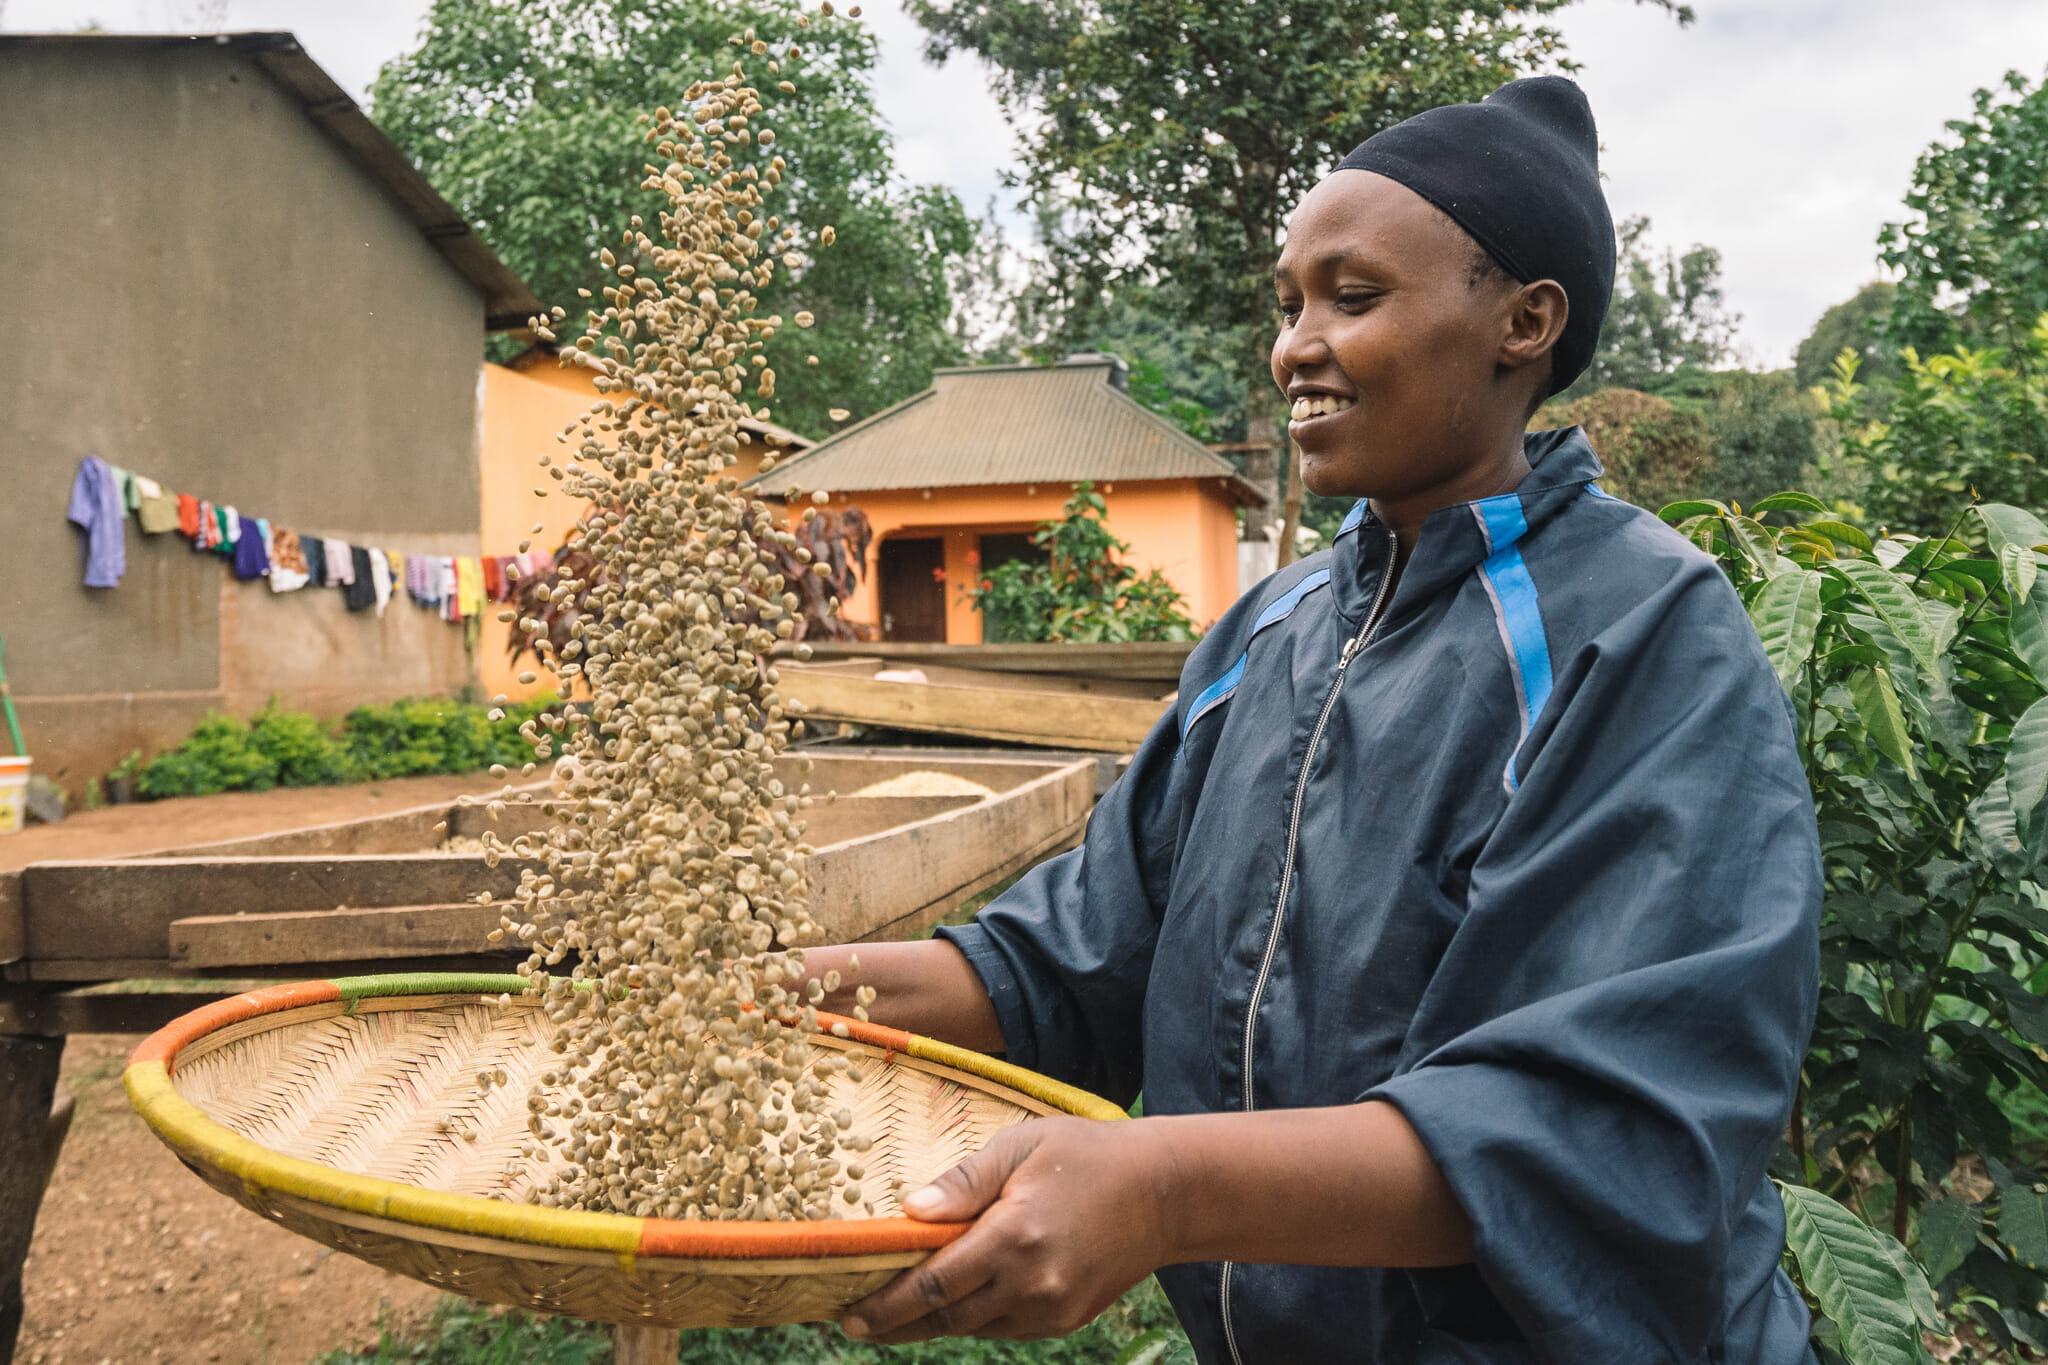 Fondatrice de la ferme de café familiale en Tanzanie